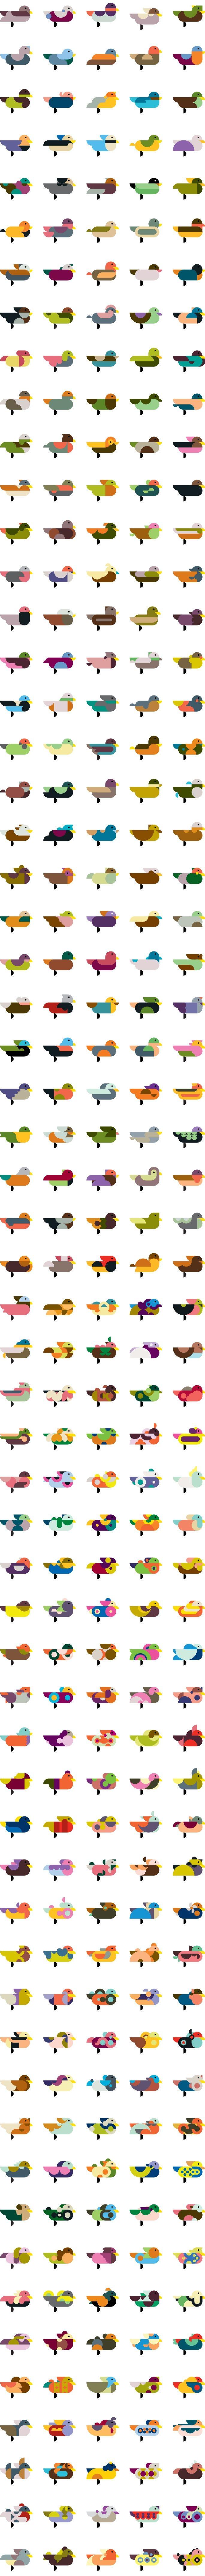 Tony Buckland - 300 ducks  :-)